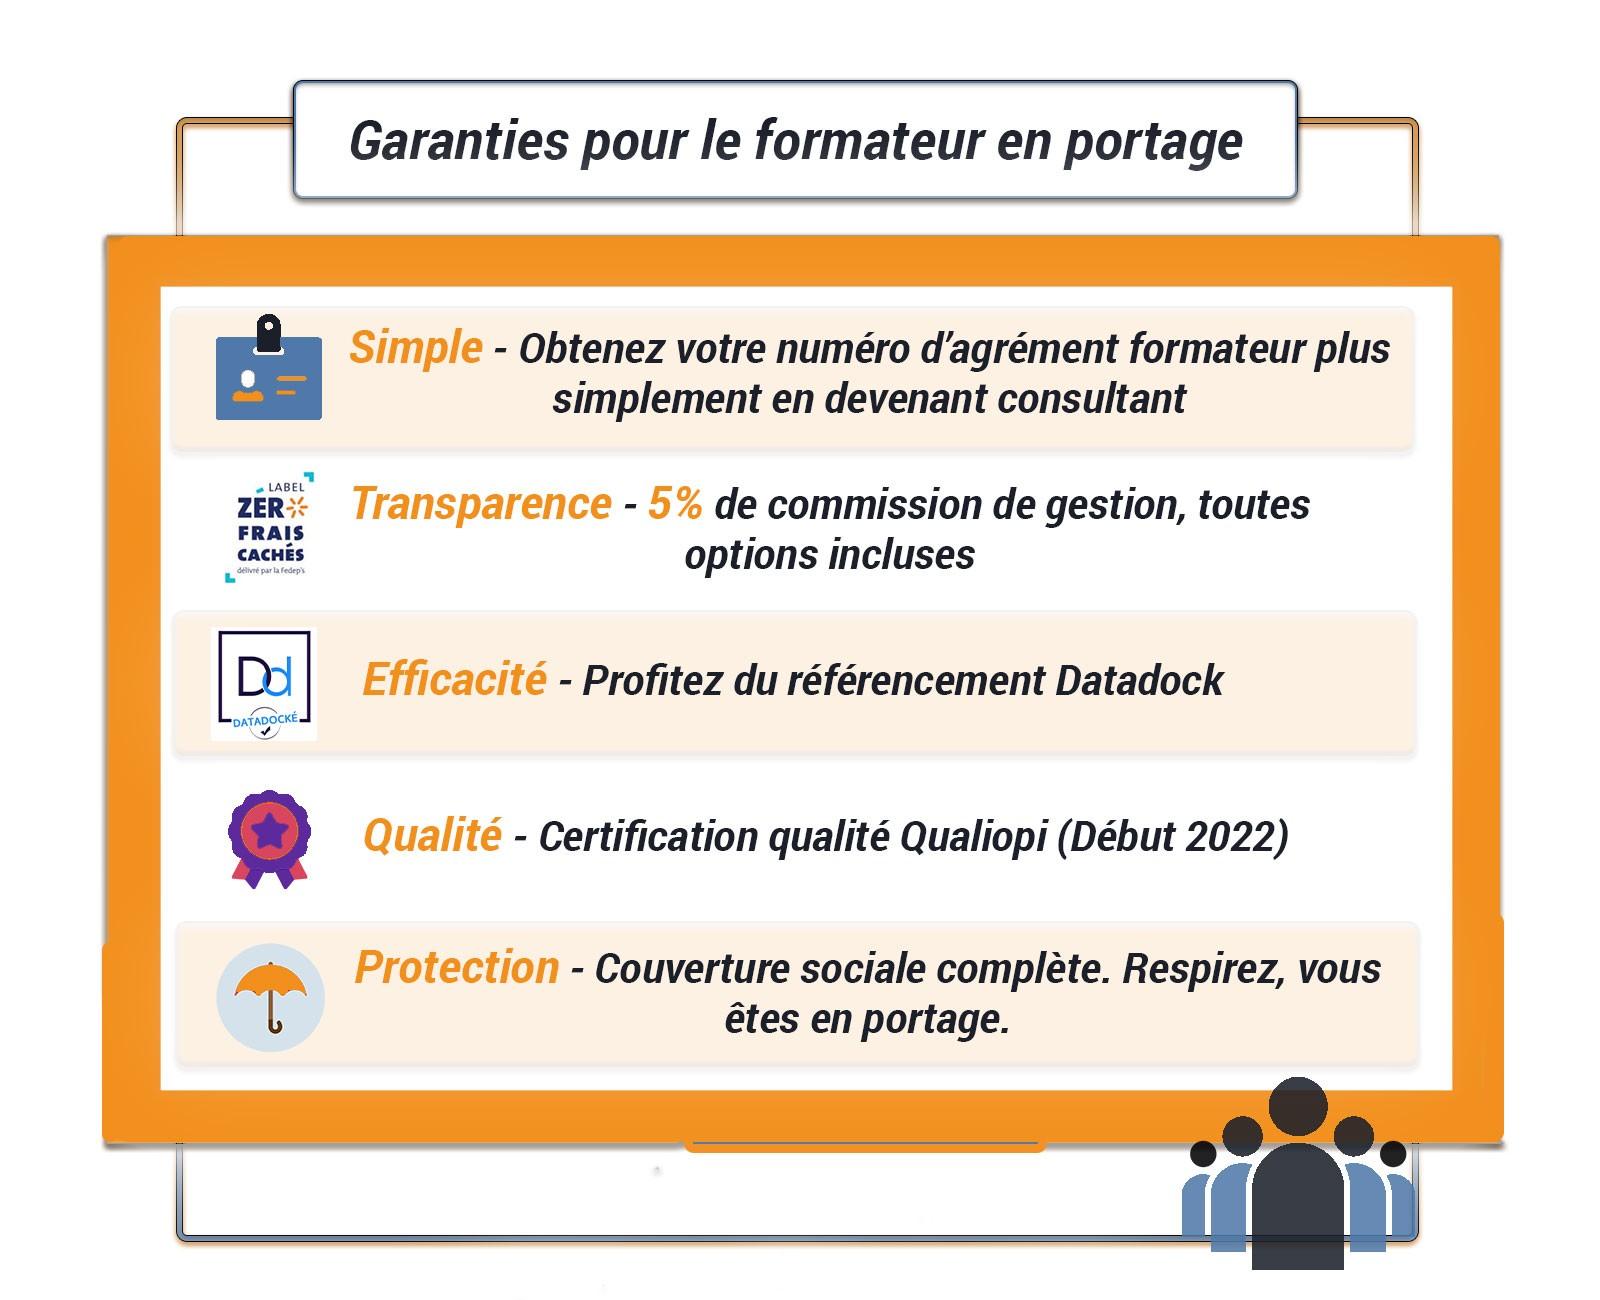 schema-garanties-formateur-portage-salarial